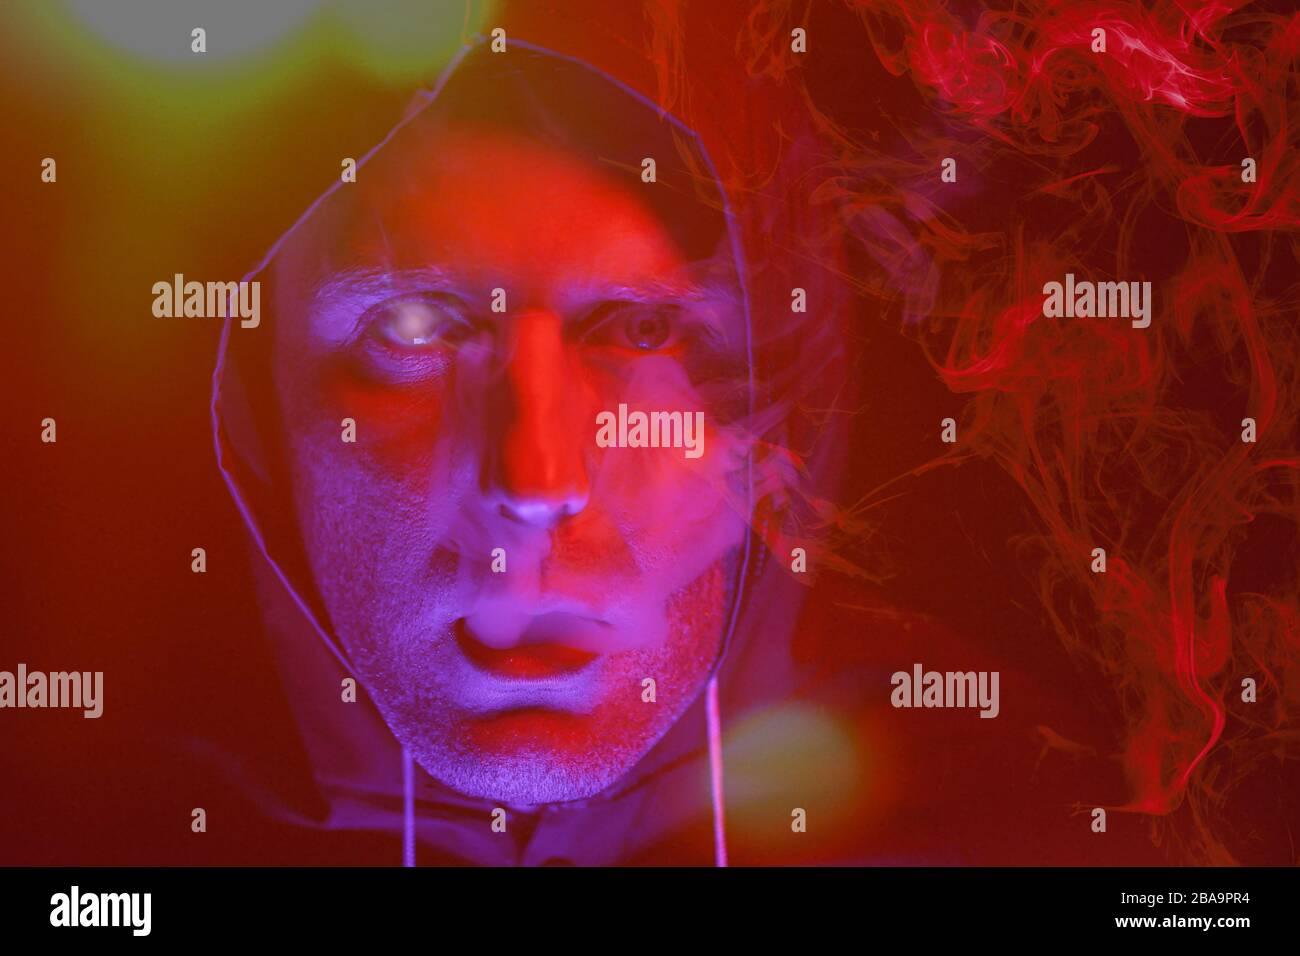 Un homme dans un masque et une combinaison de protection chimique en rouge et bleu. Lutte contre le virus Banque D'Images